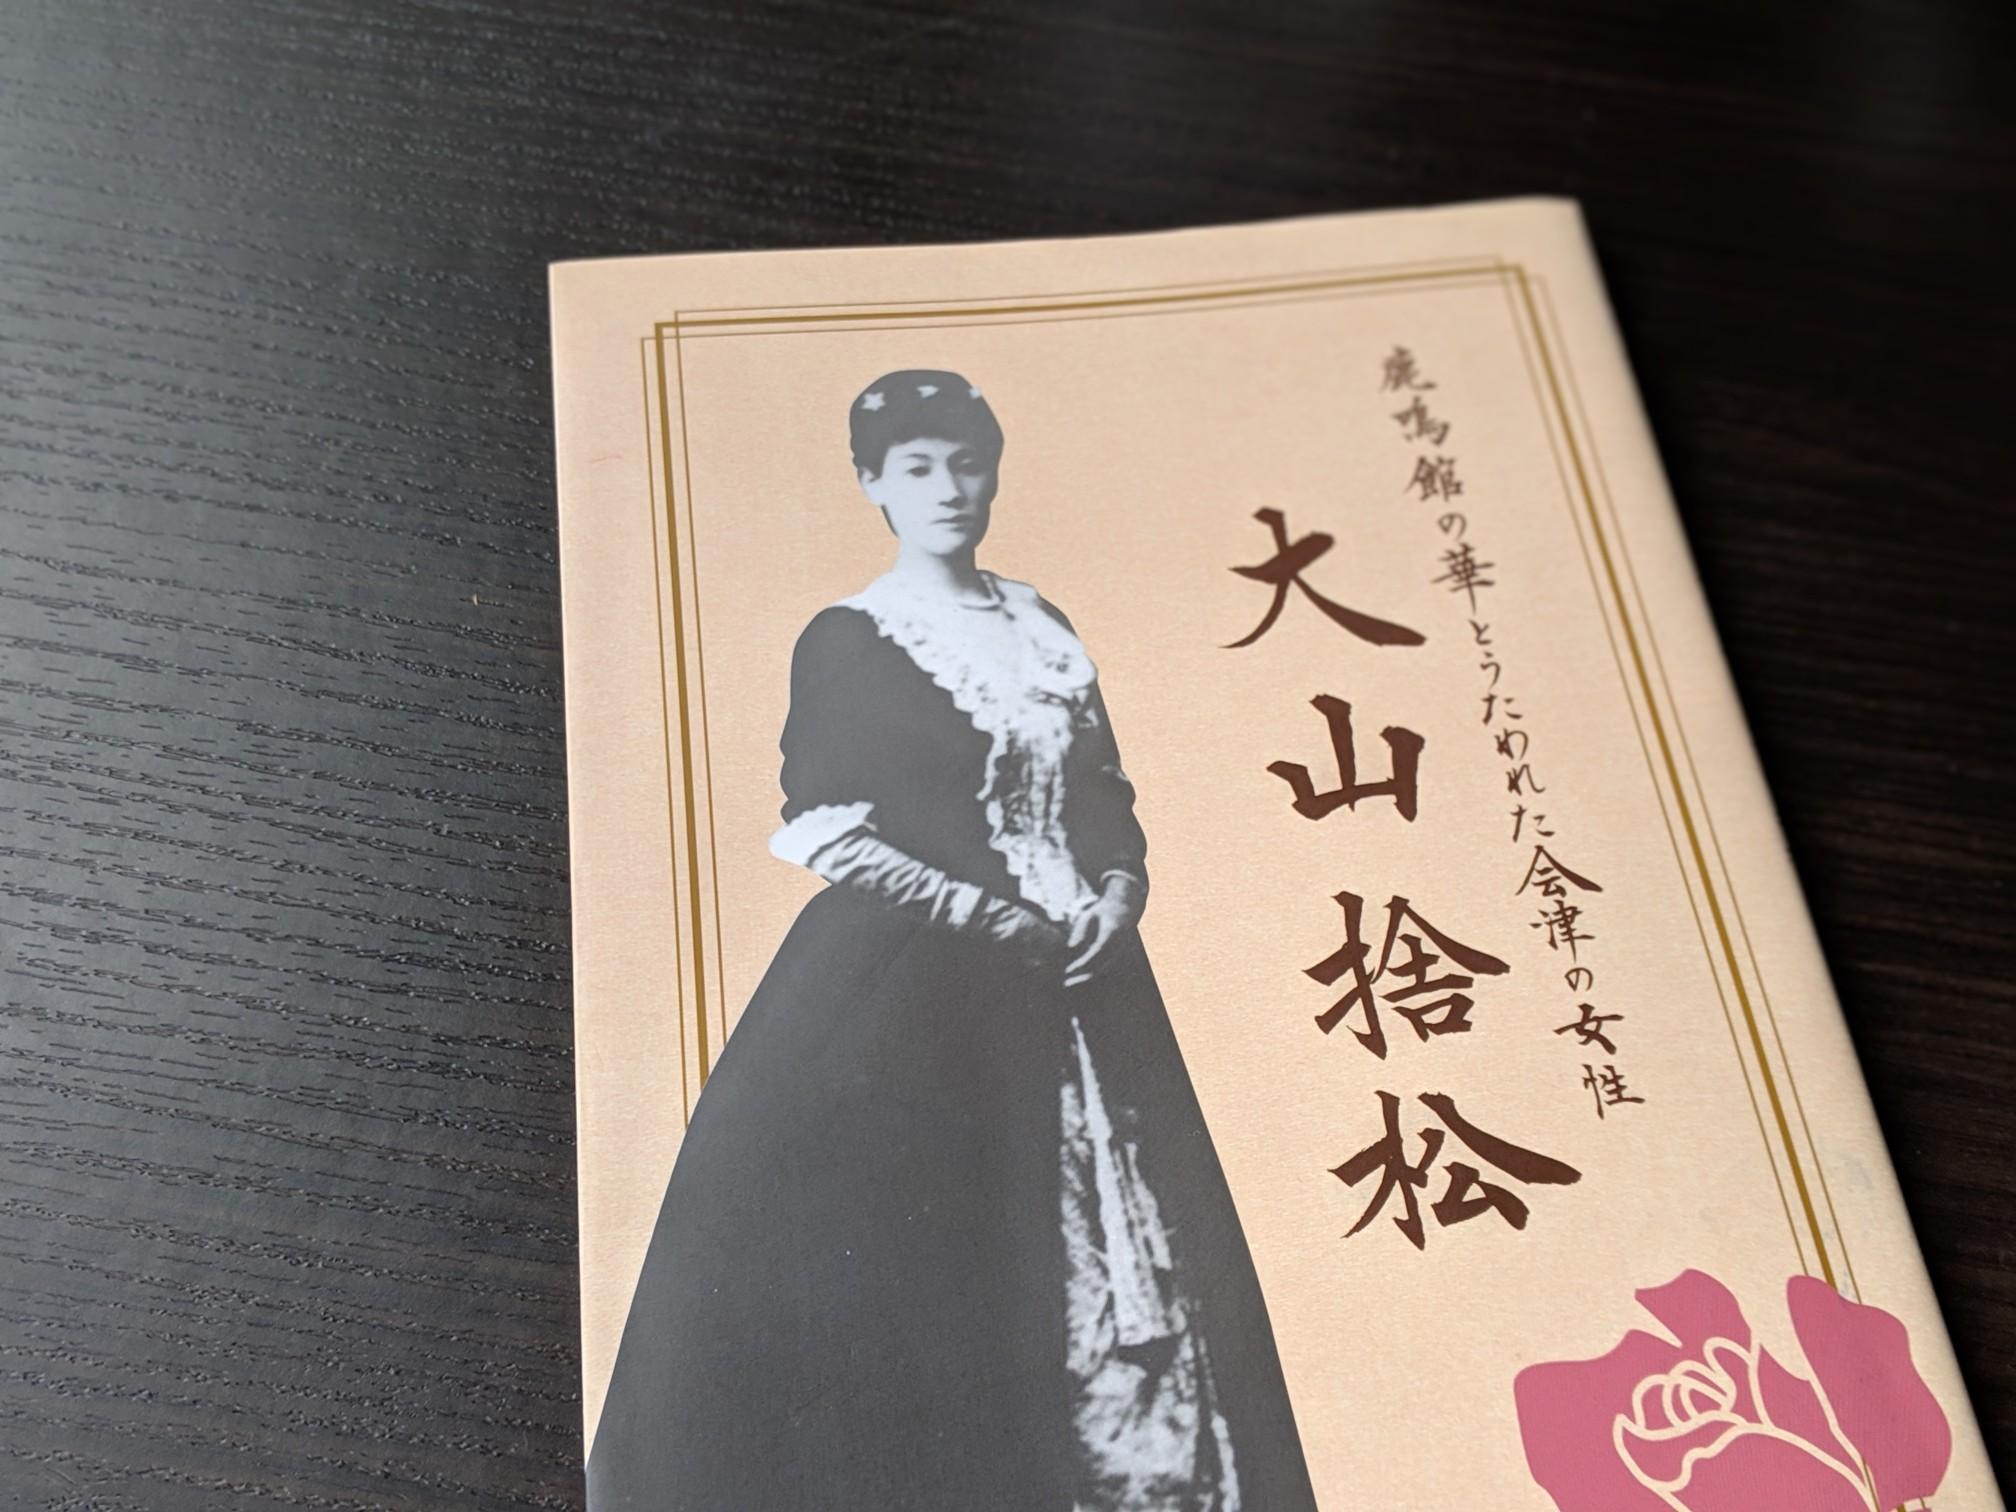 大山捨松という女性】新五千円札の顔、津田梅子の盟友 | くつろぎ宿 ...